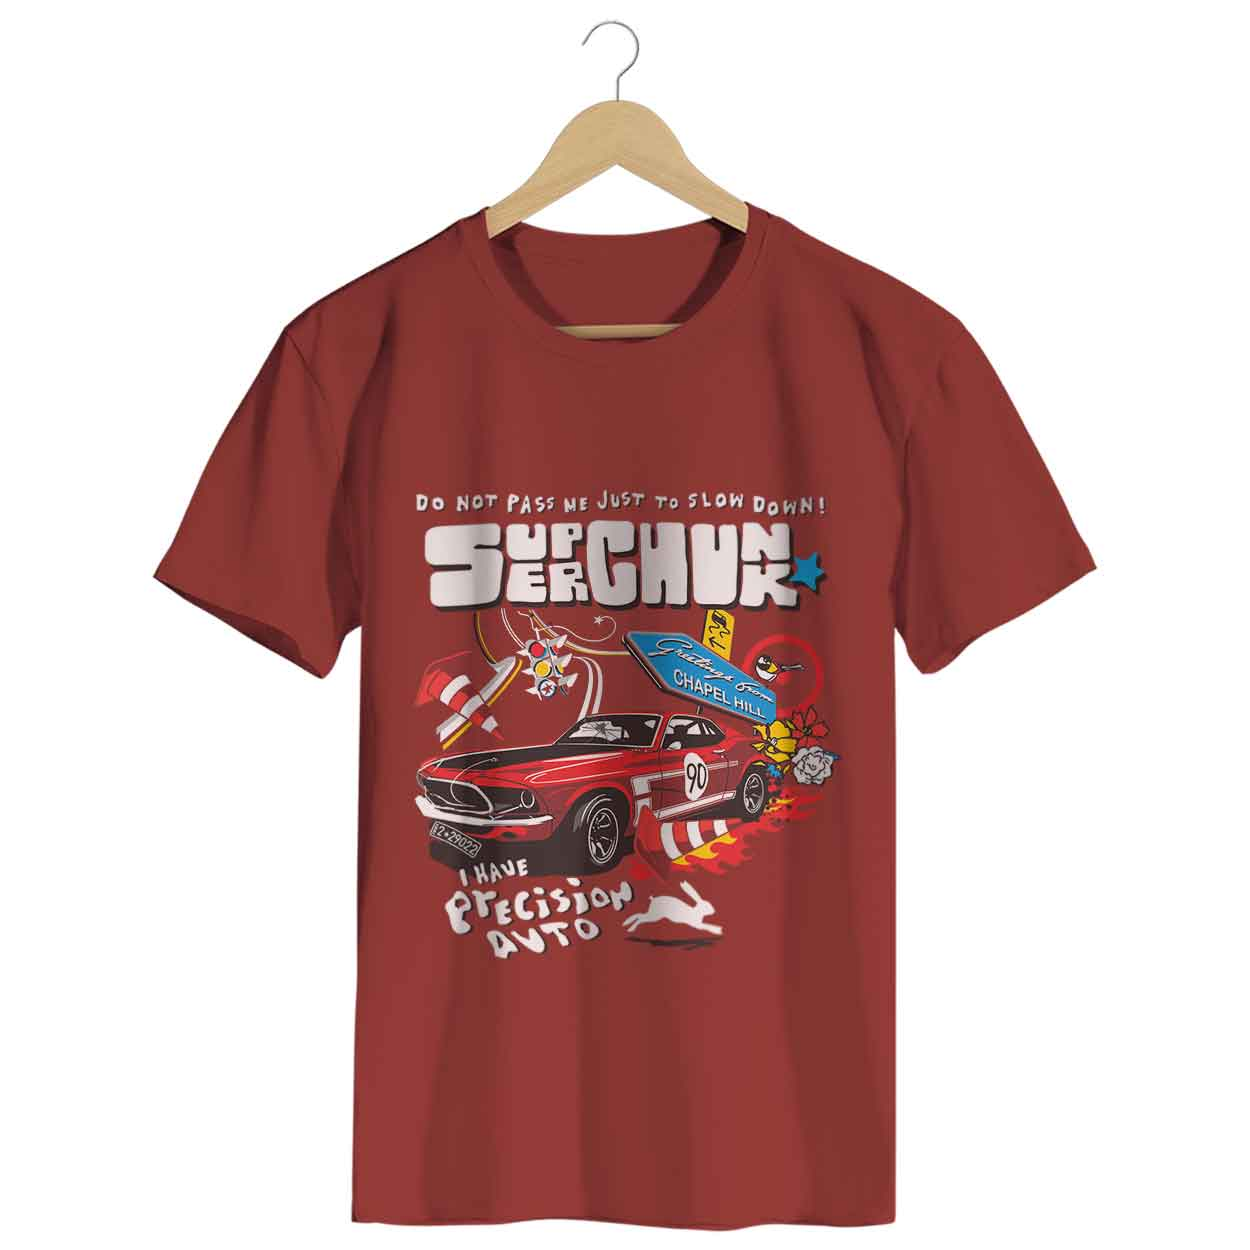 Camiseta - Precision Auto - Superchuck - Masculino